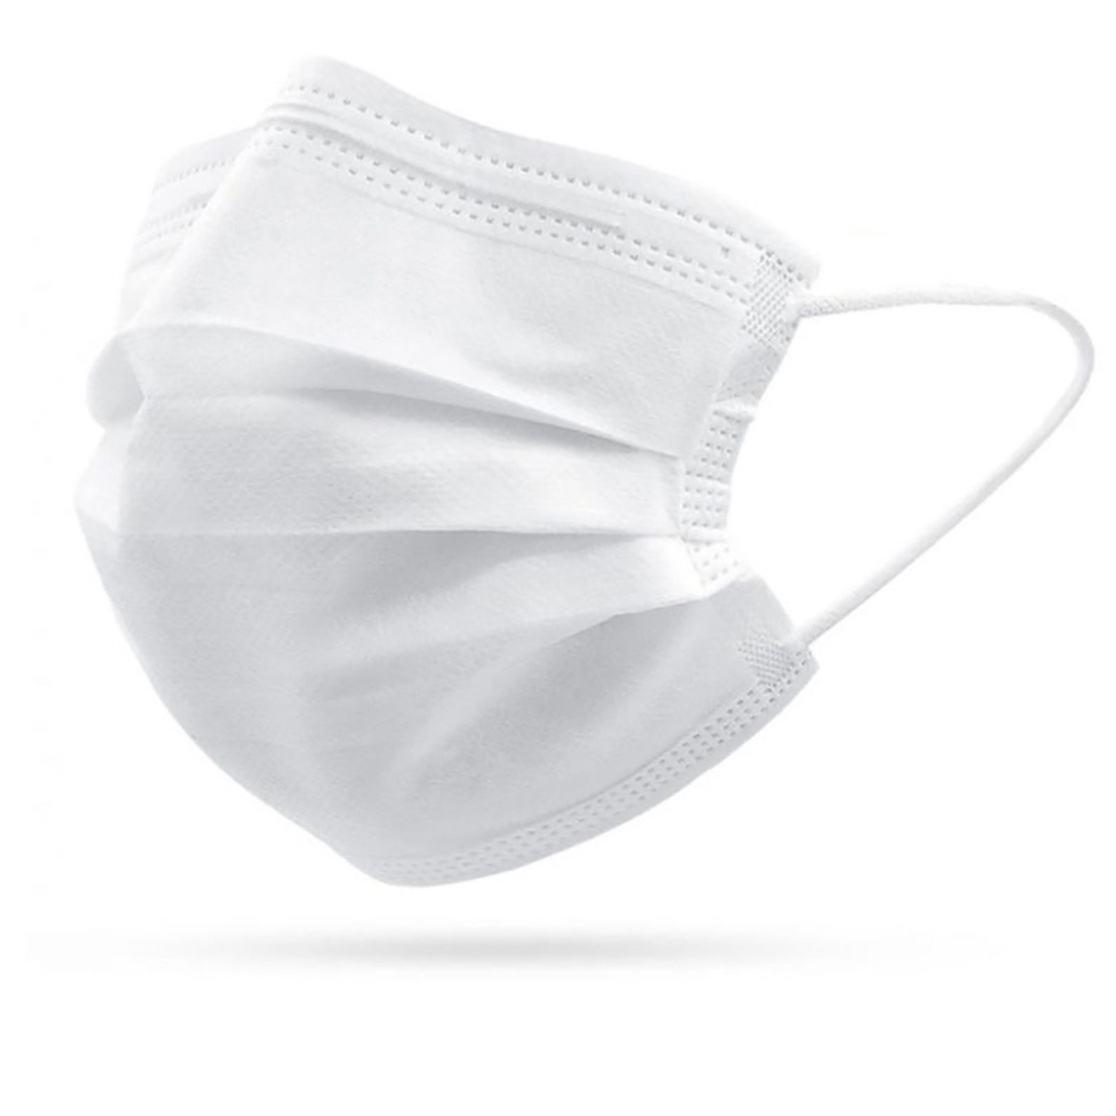 ماسک تنفسی دیباسان مدل sm31 بسته 50 عددی